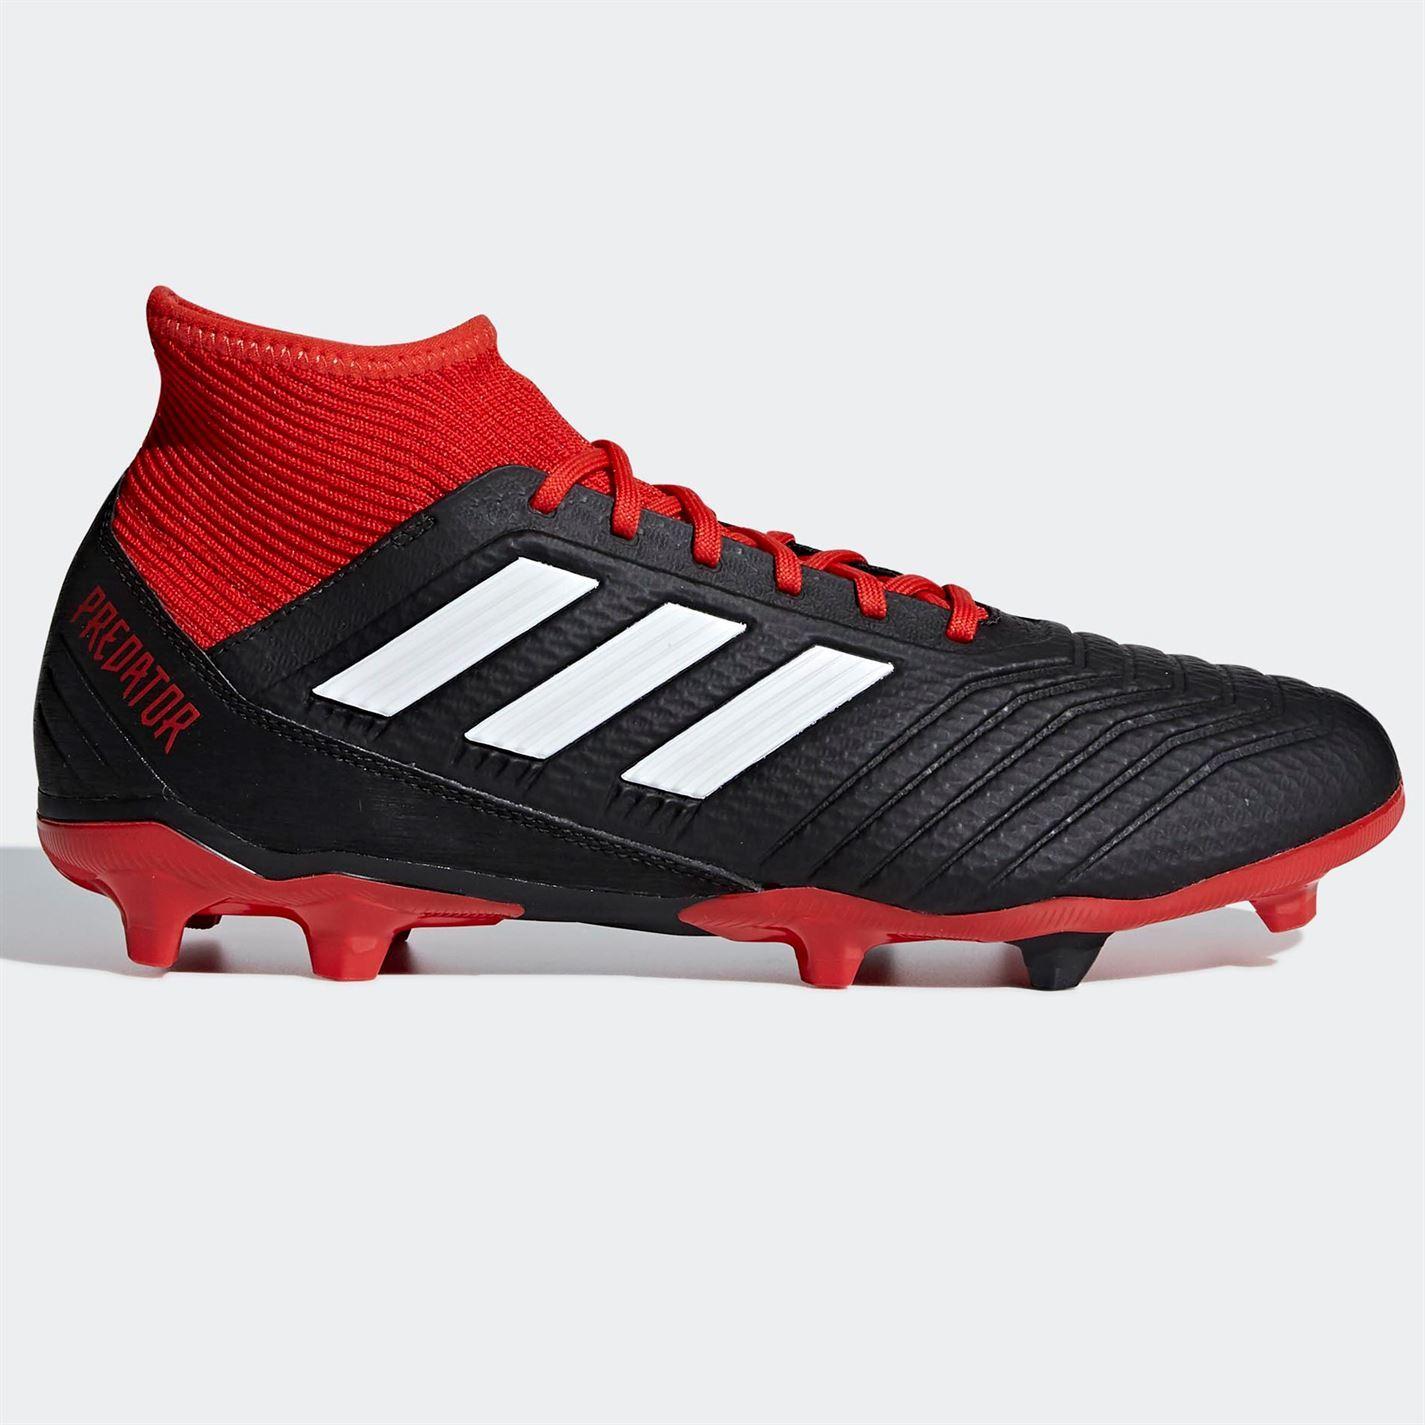 best sneakers 3e3a2 1d474 closeout adidas uomo prossoator calcio 18.3 fg scarpe da calcio prossoator  terra ferma lacci borchie maglia